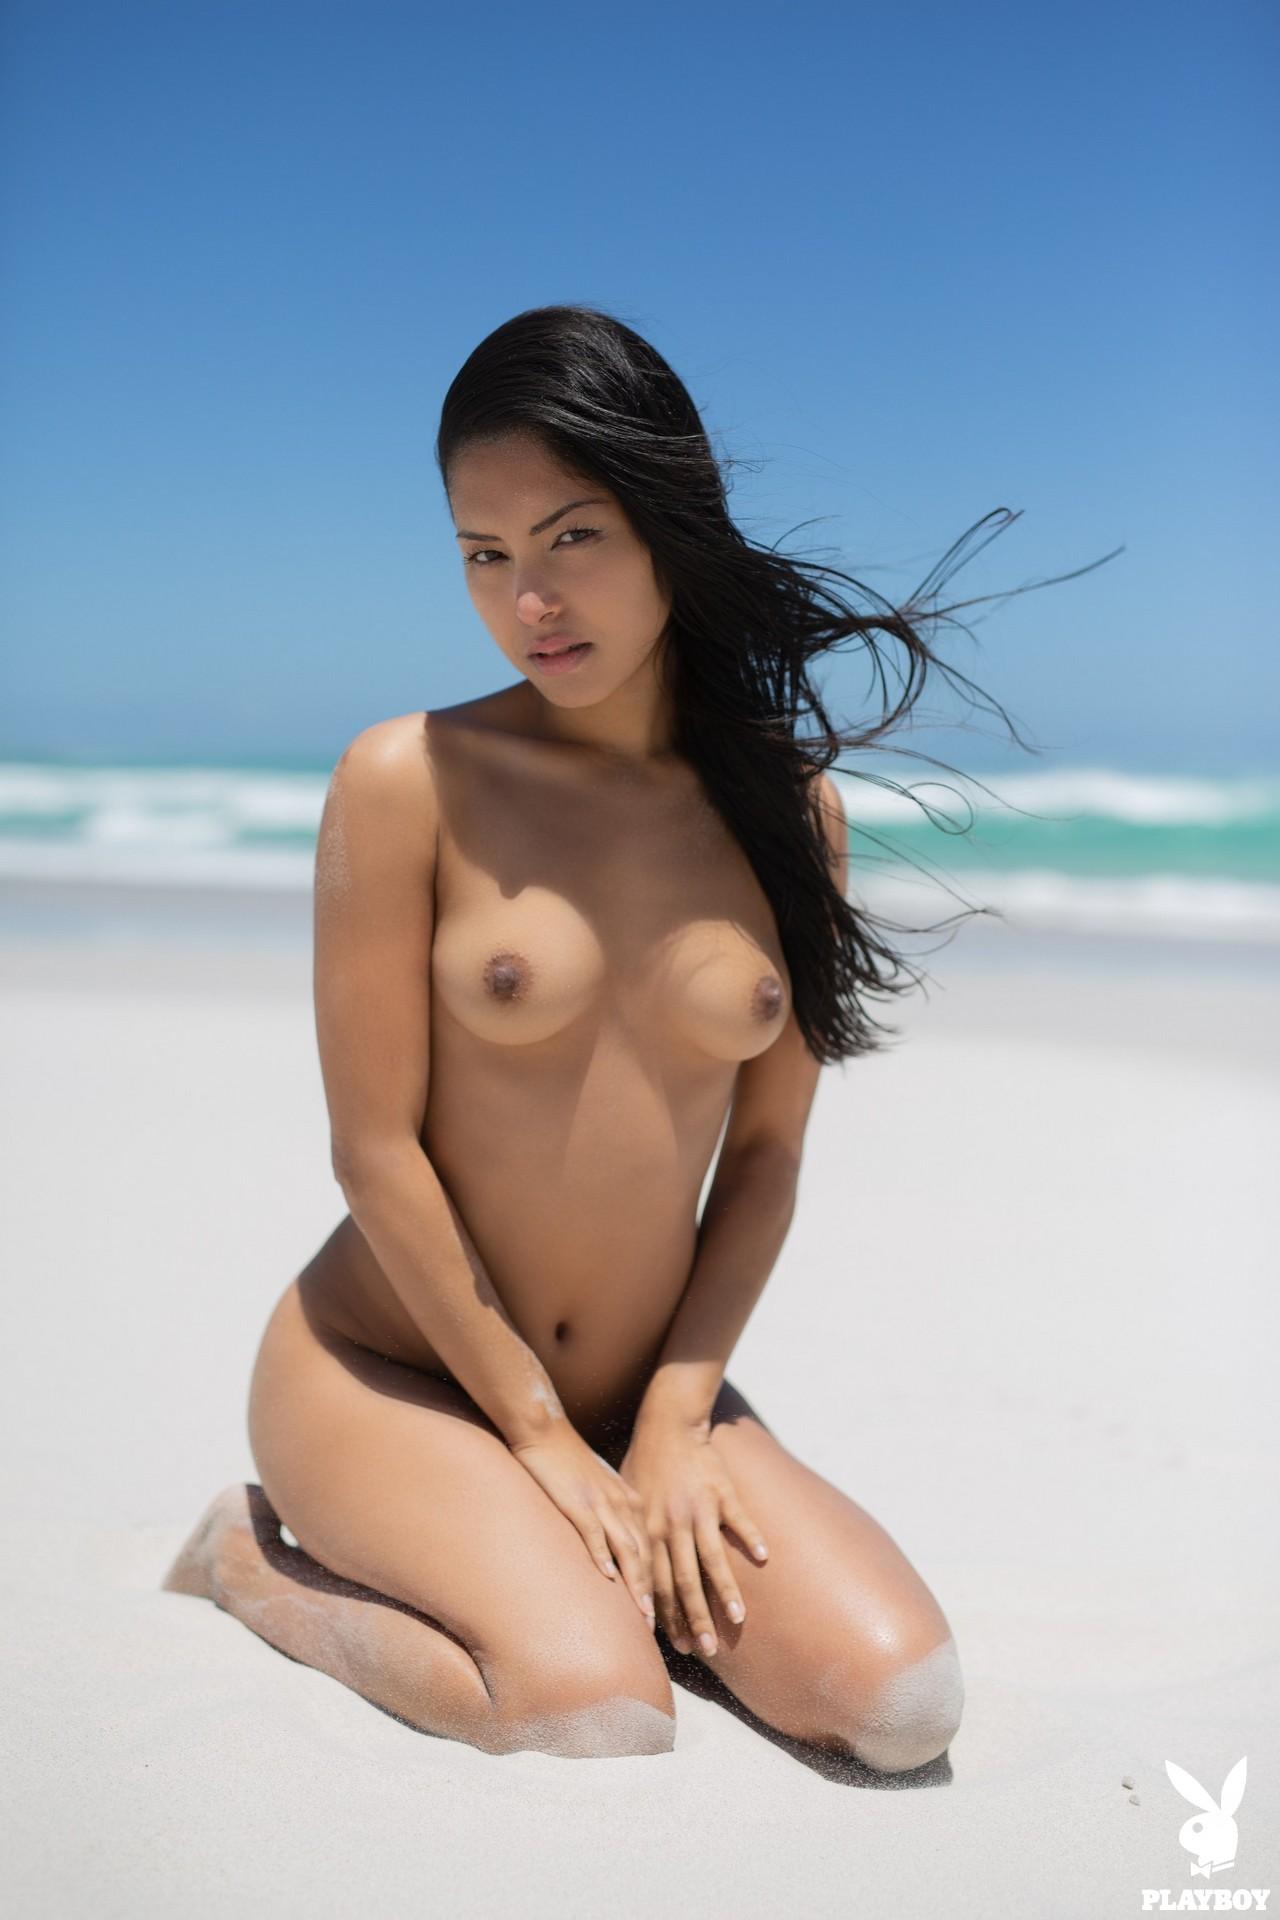 Chloe Rose in Windswept - Playboy Plus 15